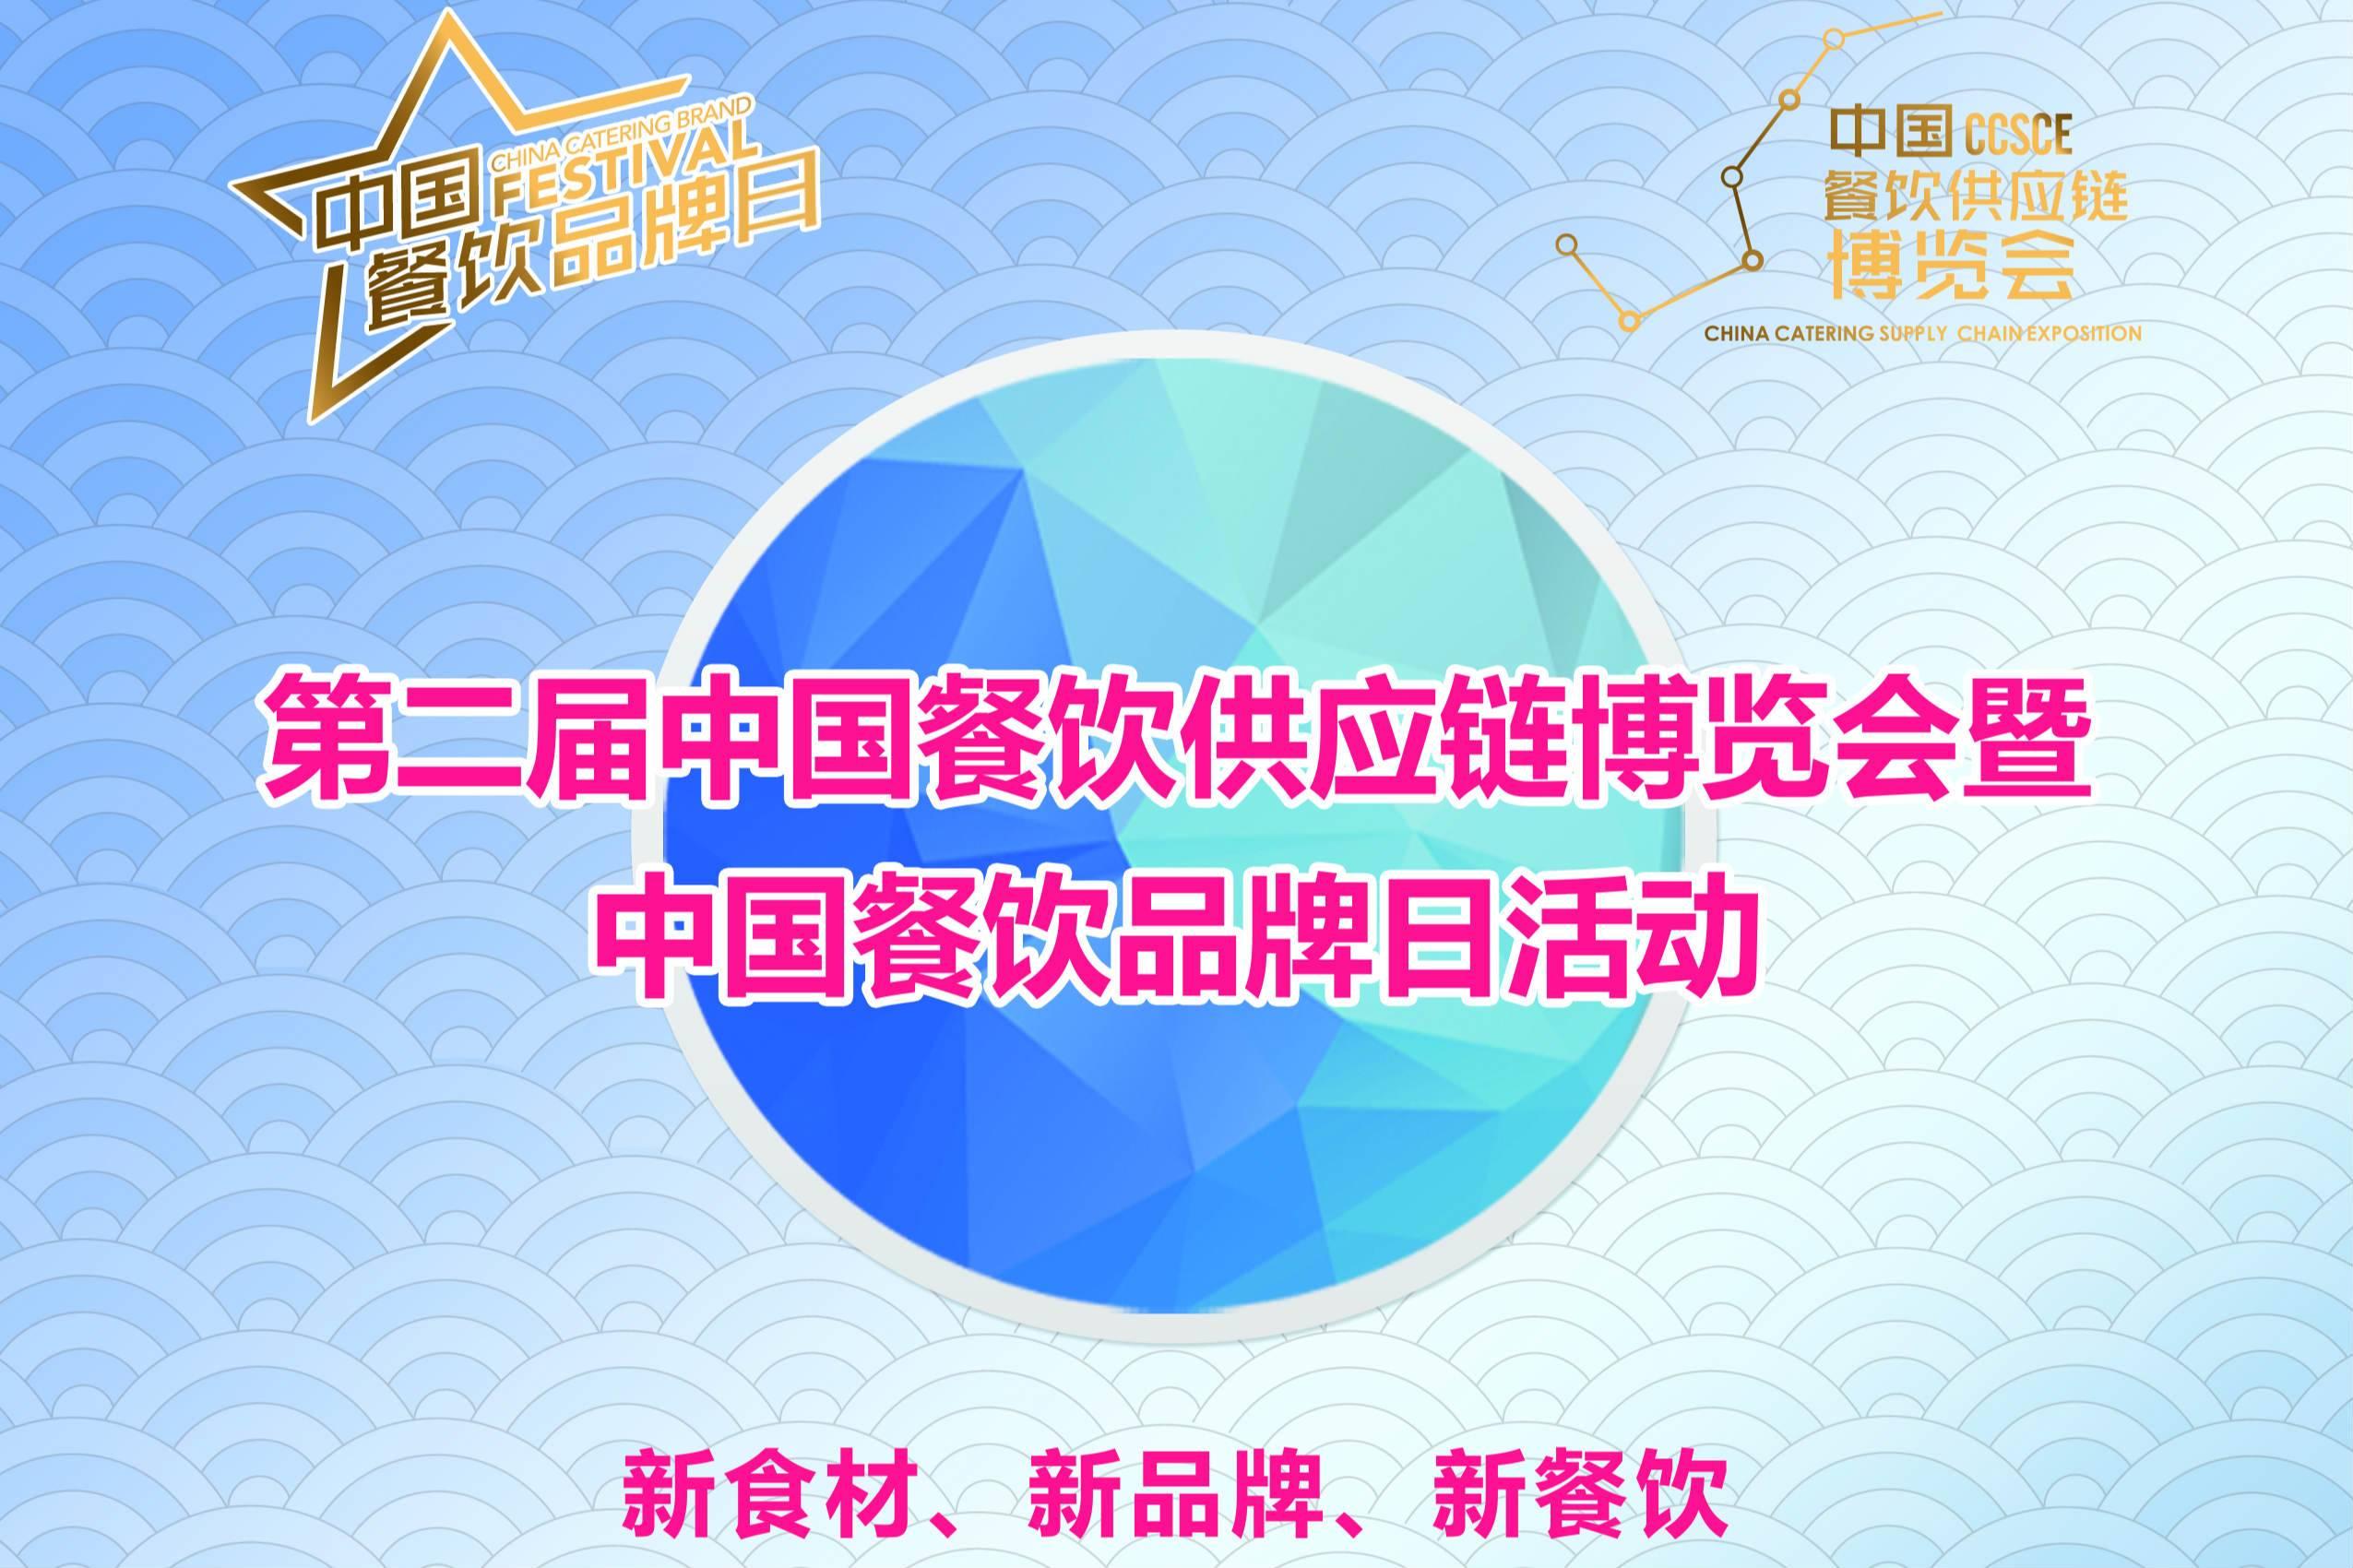 第二届中国餐链会暨中国餐饮品牌日活动